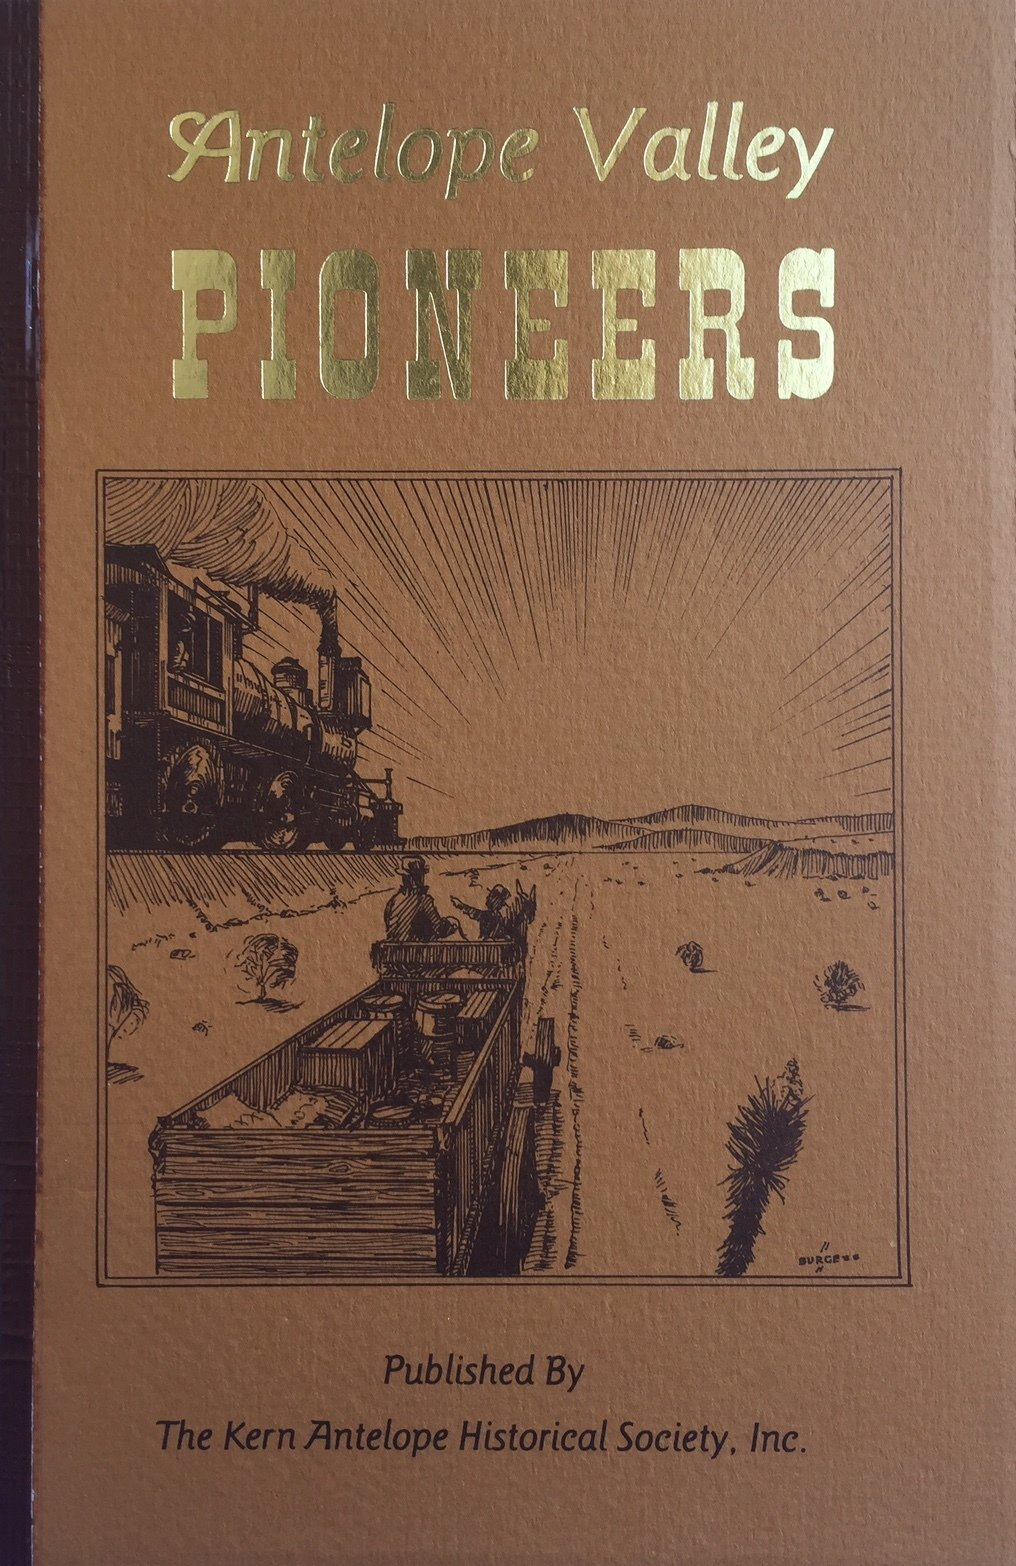 Antelope Valley Pioneers 00002